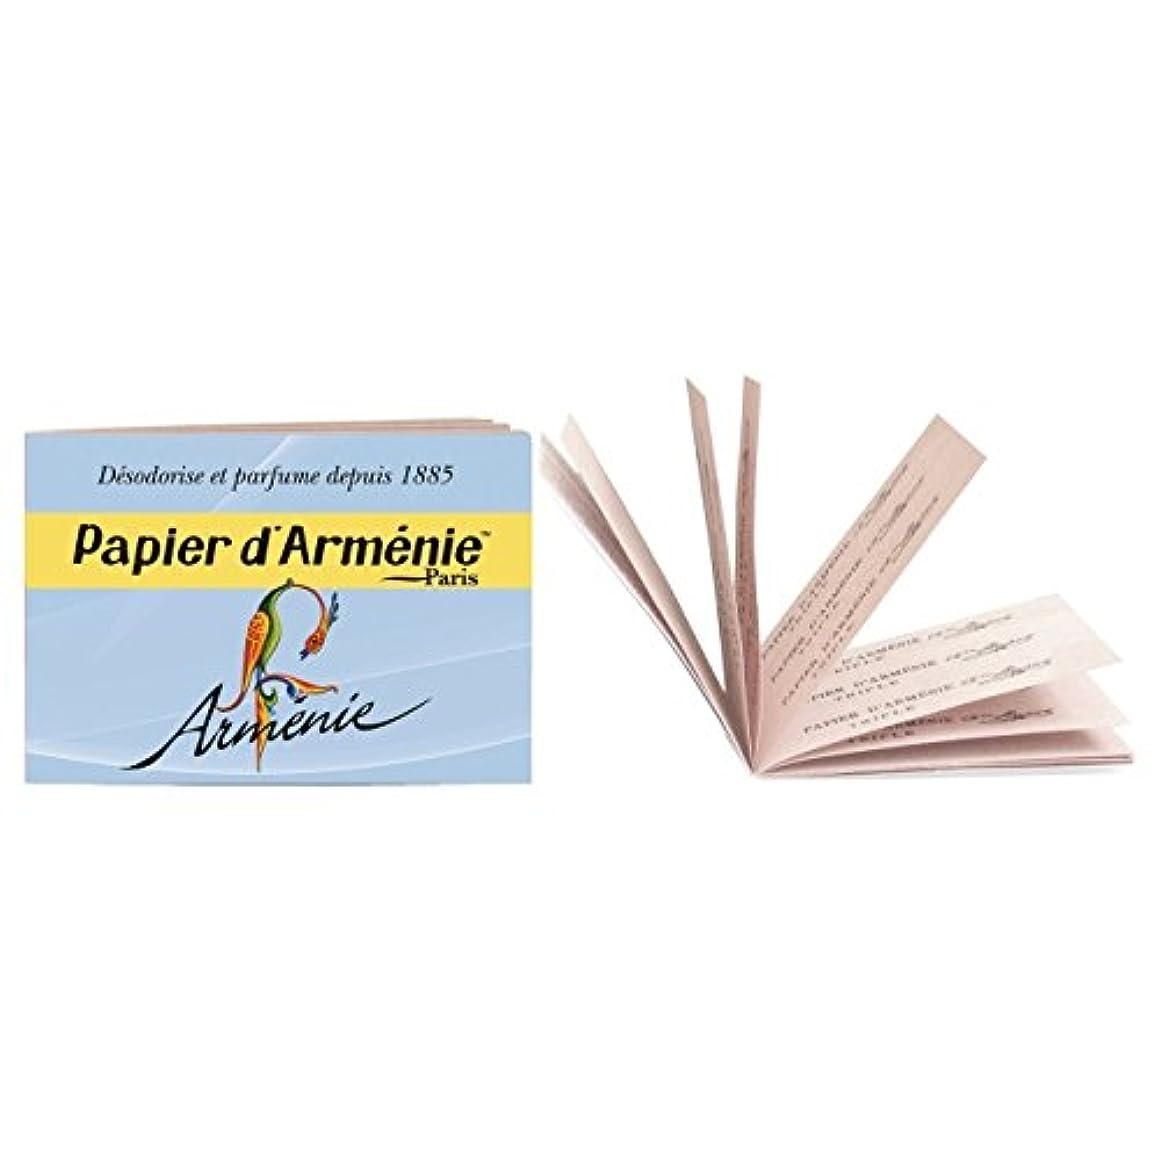 計画のスコア謙虚Papier d'Arménie パピエダルメニイ アルメニイ 紙のお香 フランス直送 [並行輸入品]